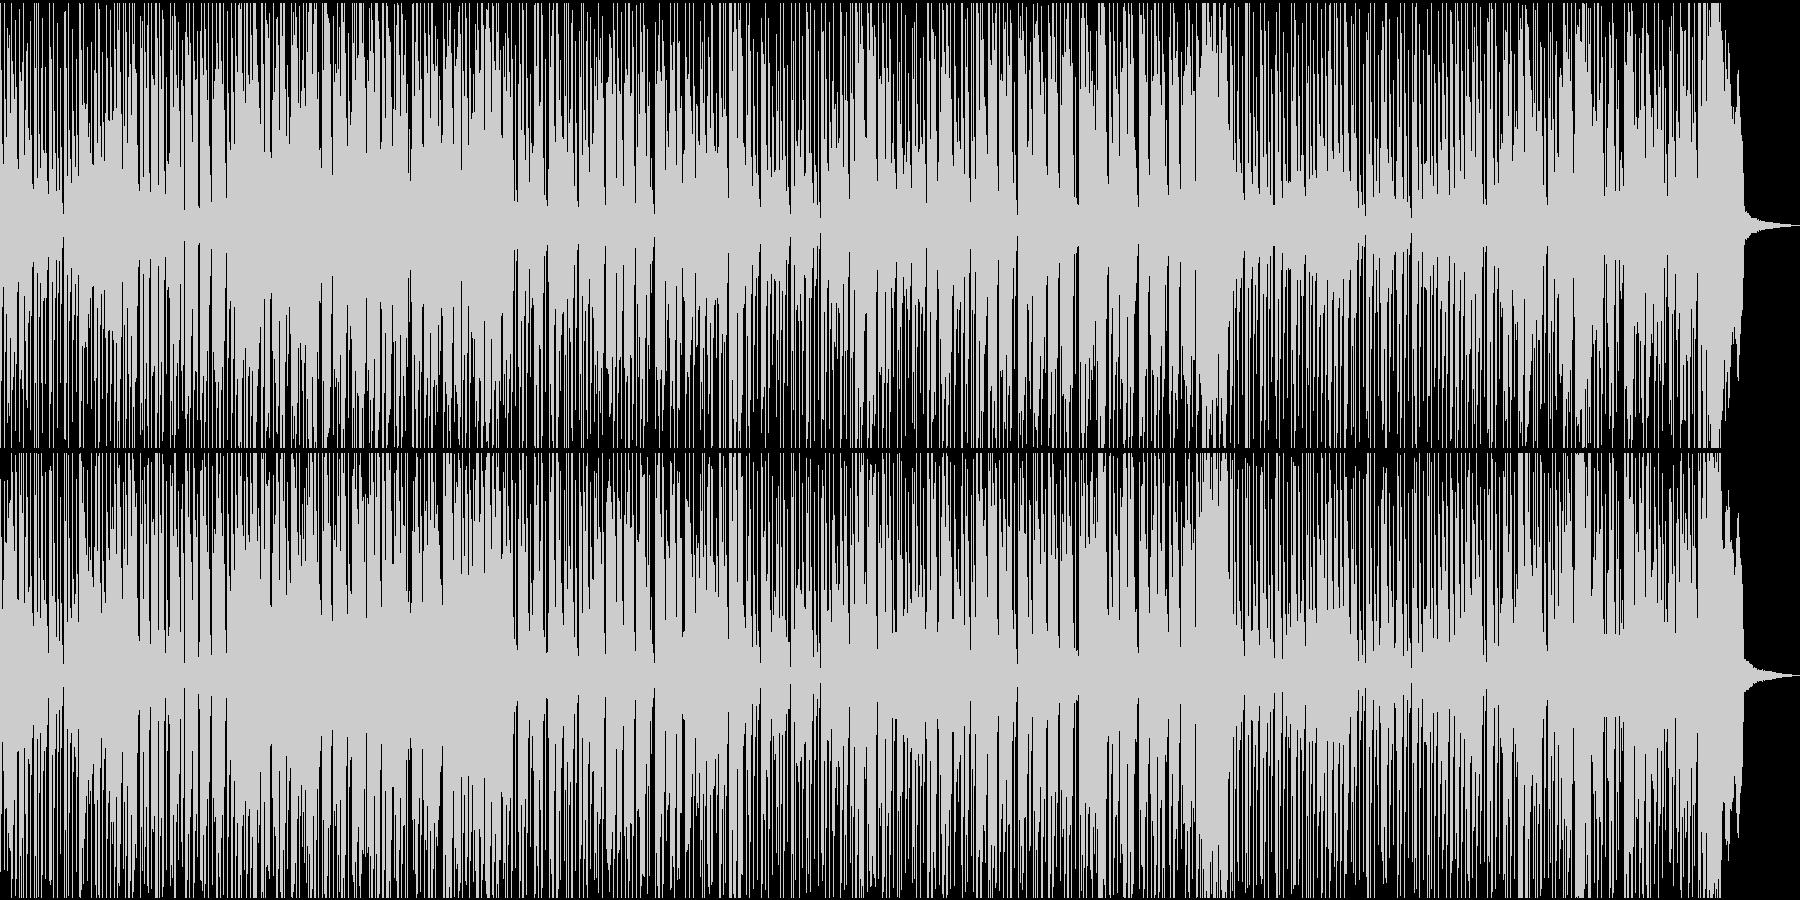 スローからミディアムテンポのレゲエ音楽の未再生の波形